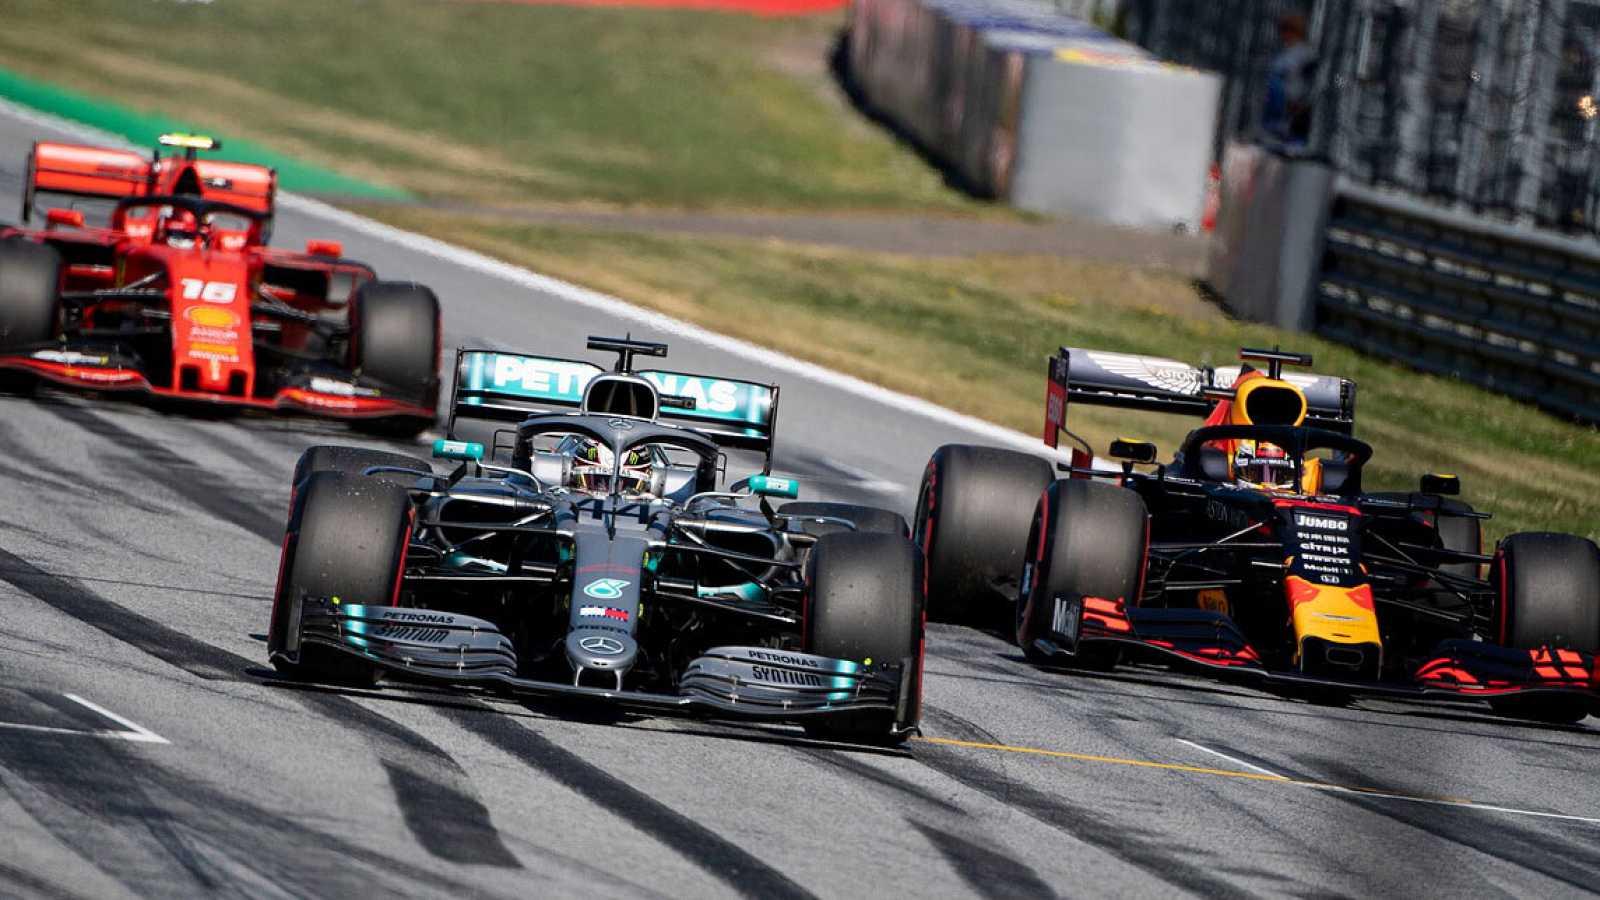 Fórmula 1 | Las 10 claves del Mundial de F1 2020